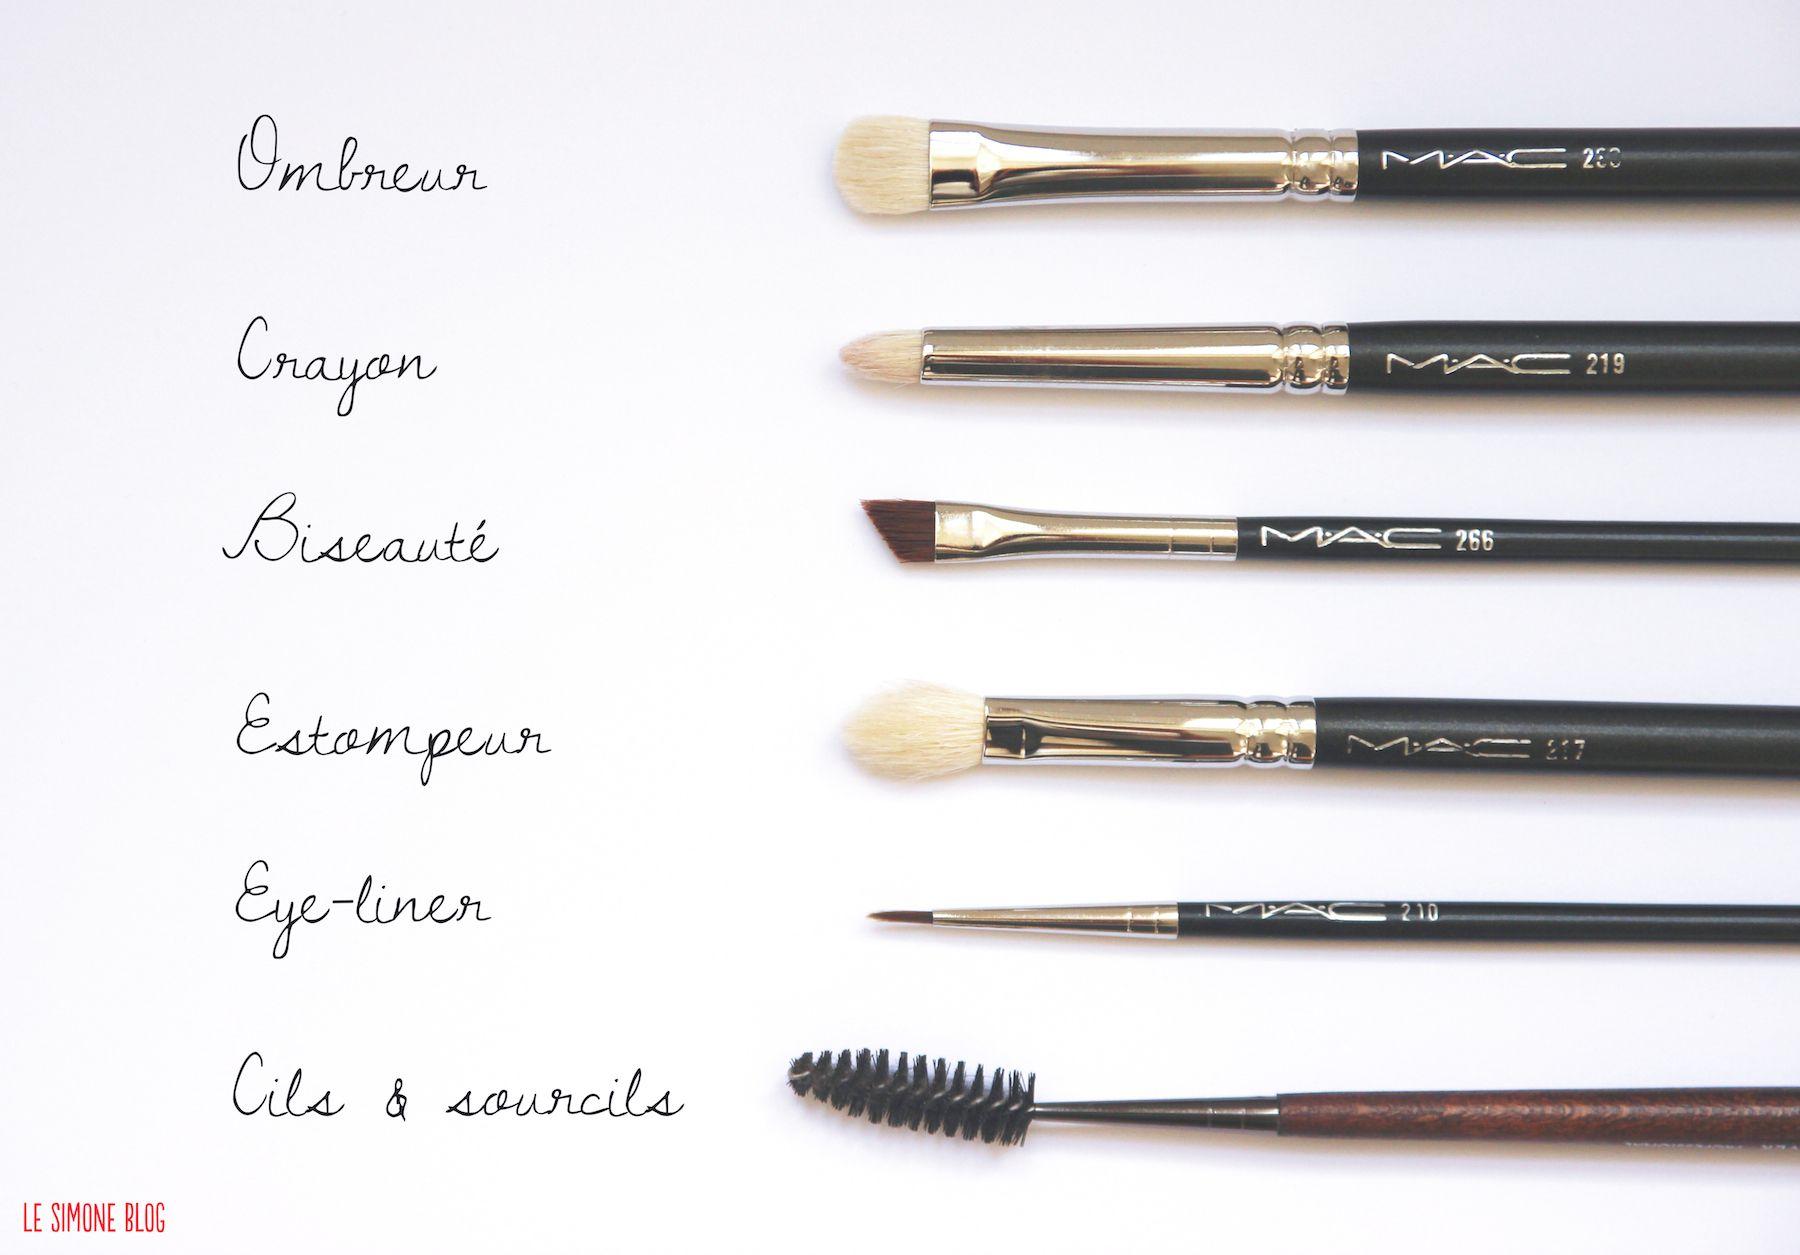 pinceaux maquillage yeux pinceau makeup et aprentissage makeup pinterest pinceau. Black Bedroom Furniture Sets. Home Design Ideas